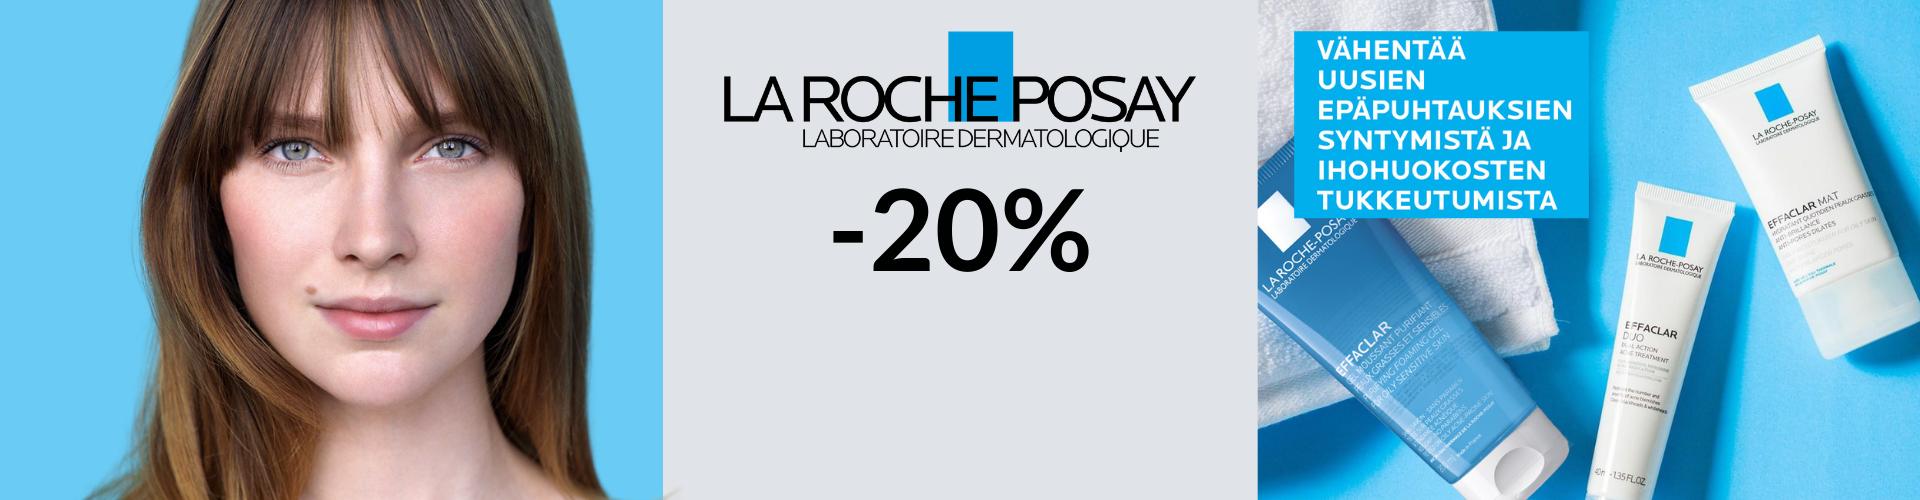 La Roche-Posay -20% syyskuussa